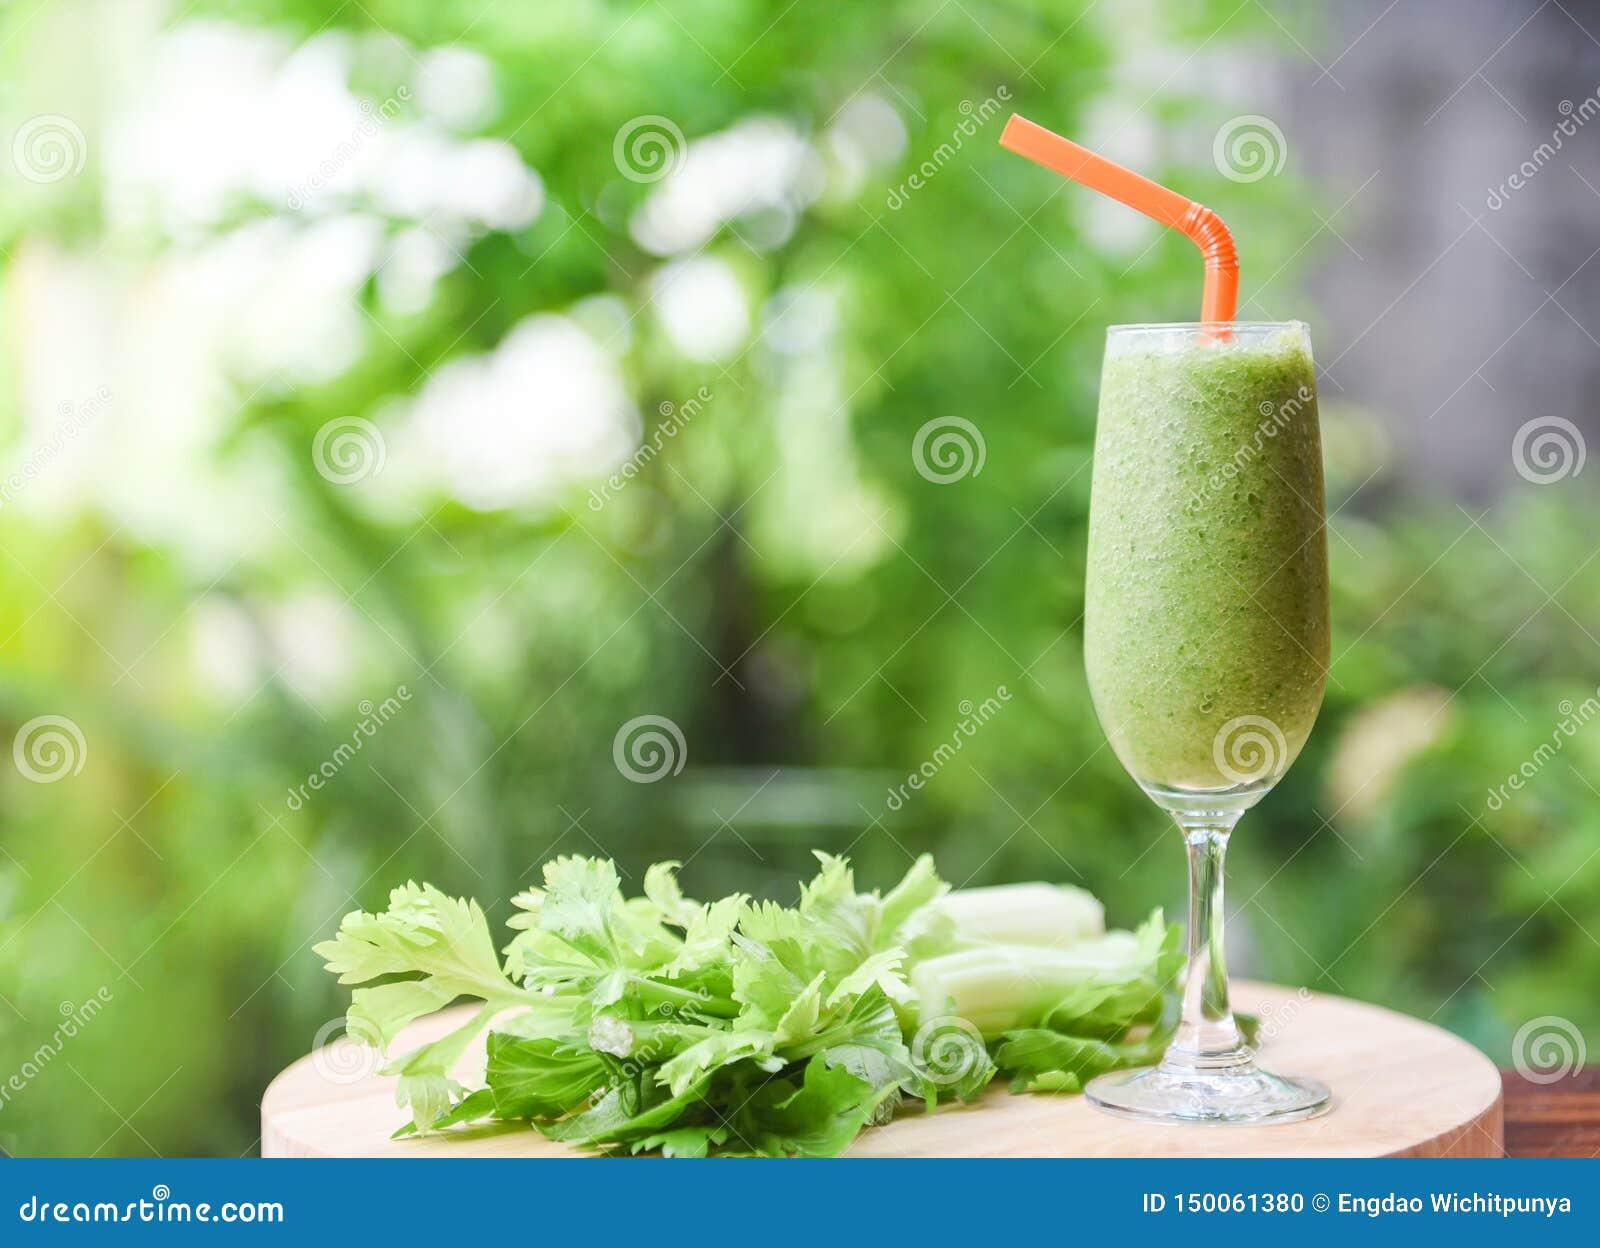 蔬菜汁圆滑的人夏天和新鲜的芹菜茎在木板有自然绿色的